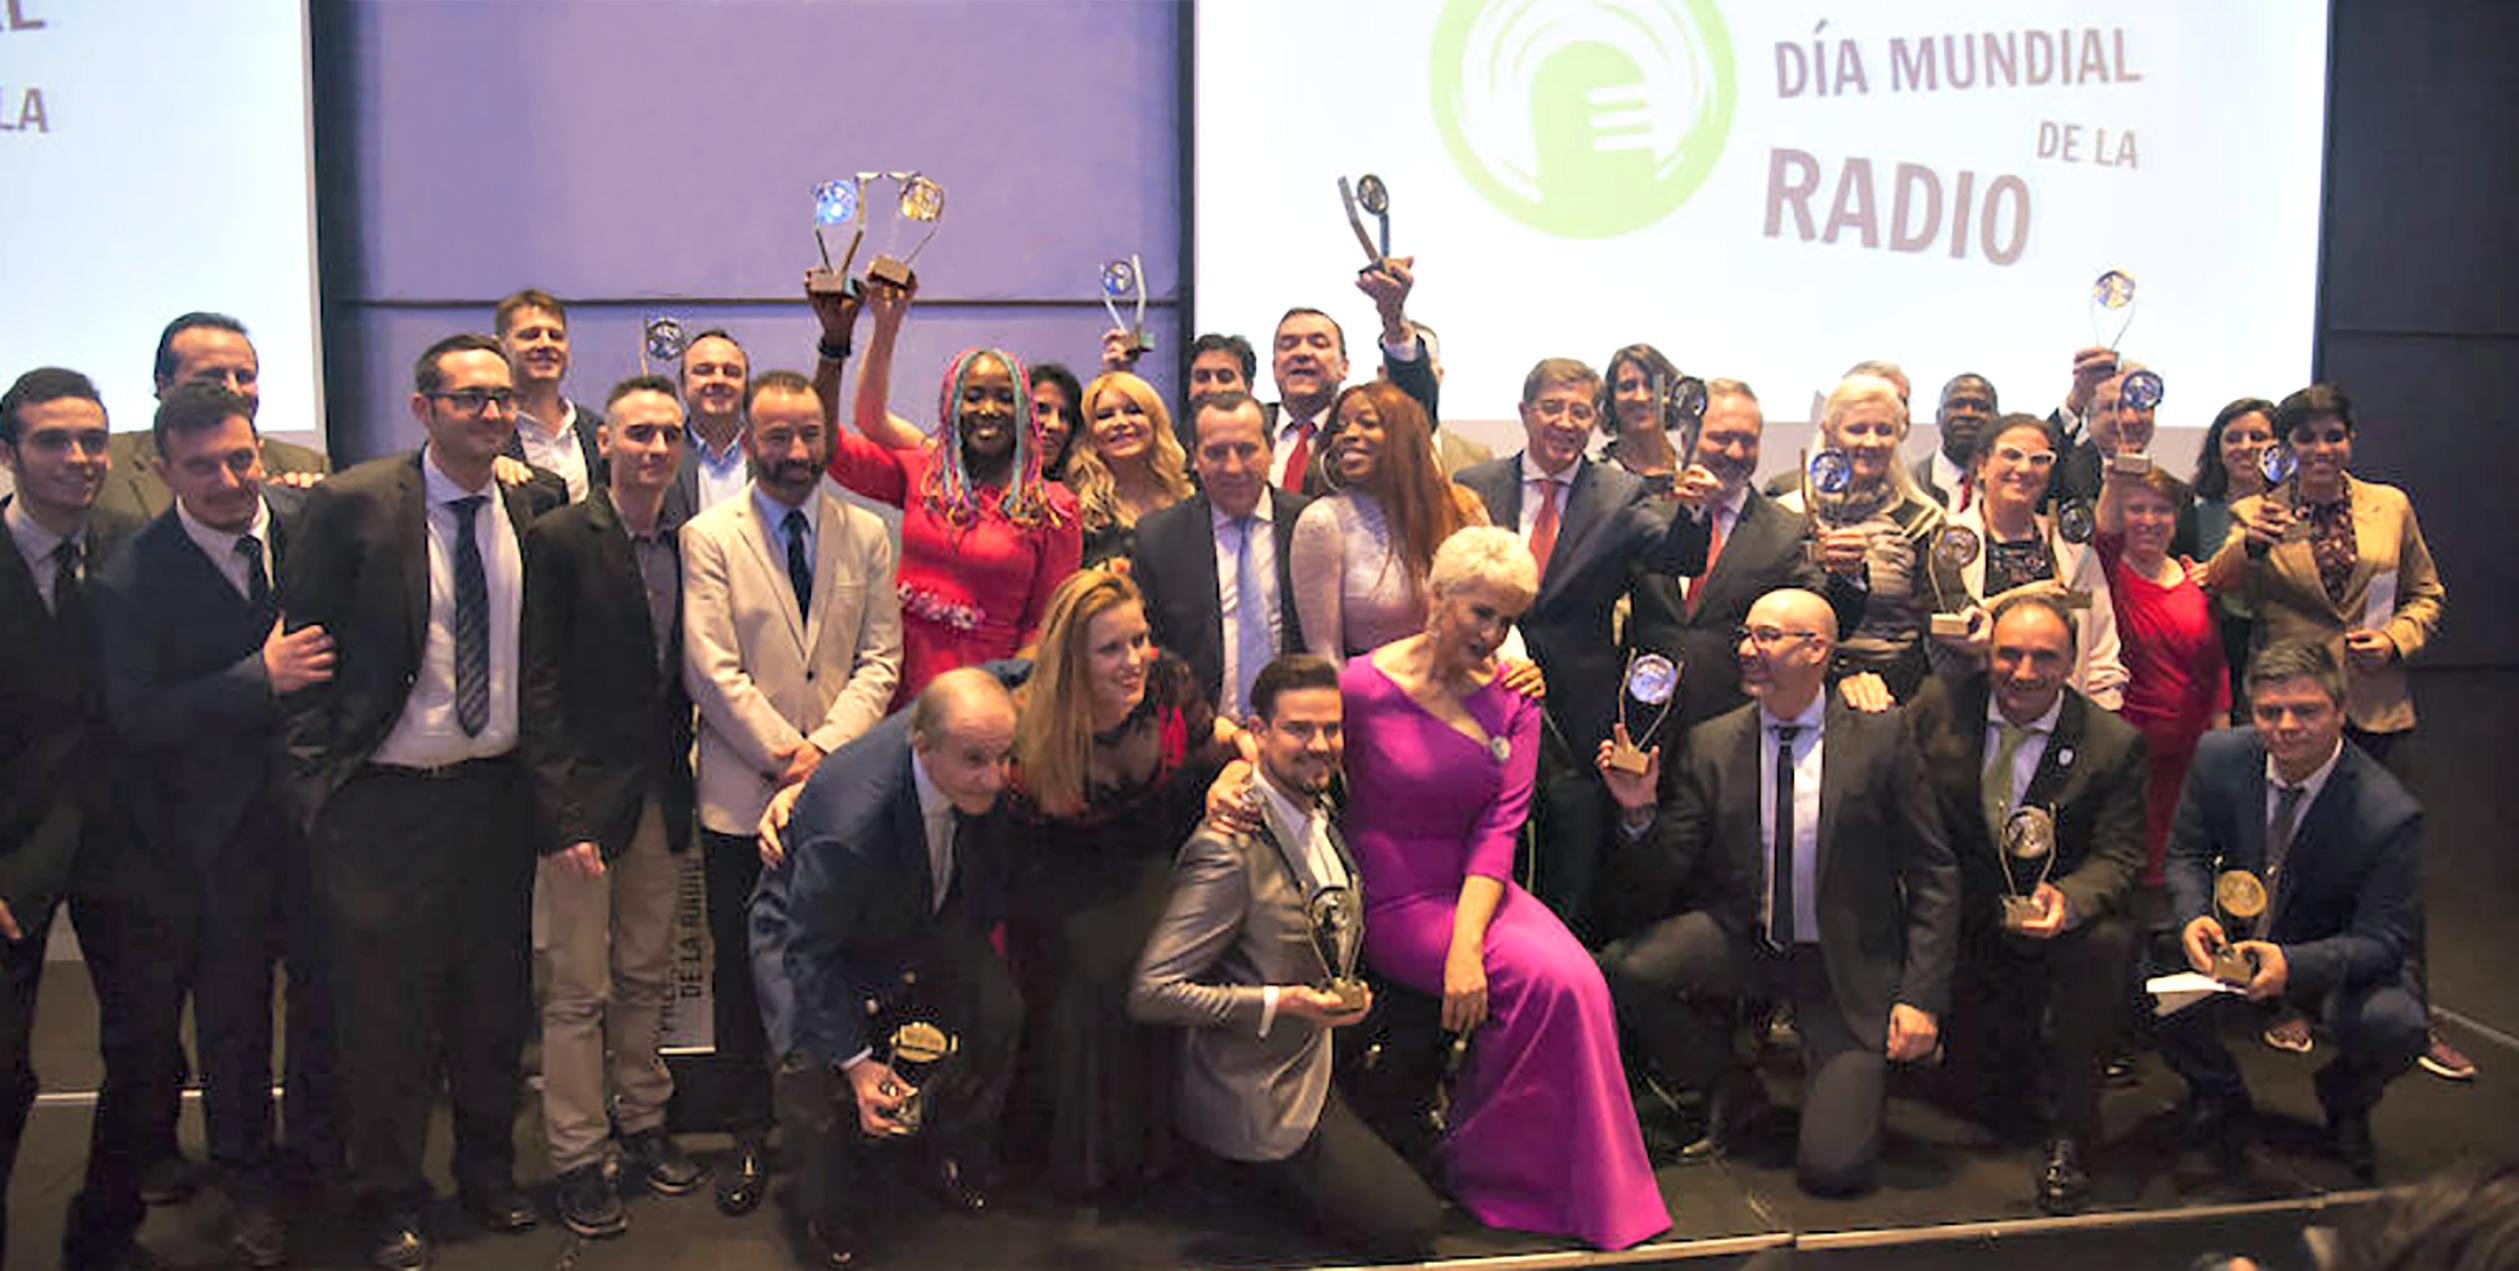 Reconocimiento Y Emoción En La Gran Noche De Los Premios Día